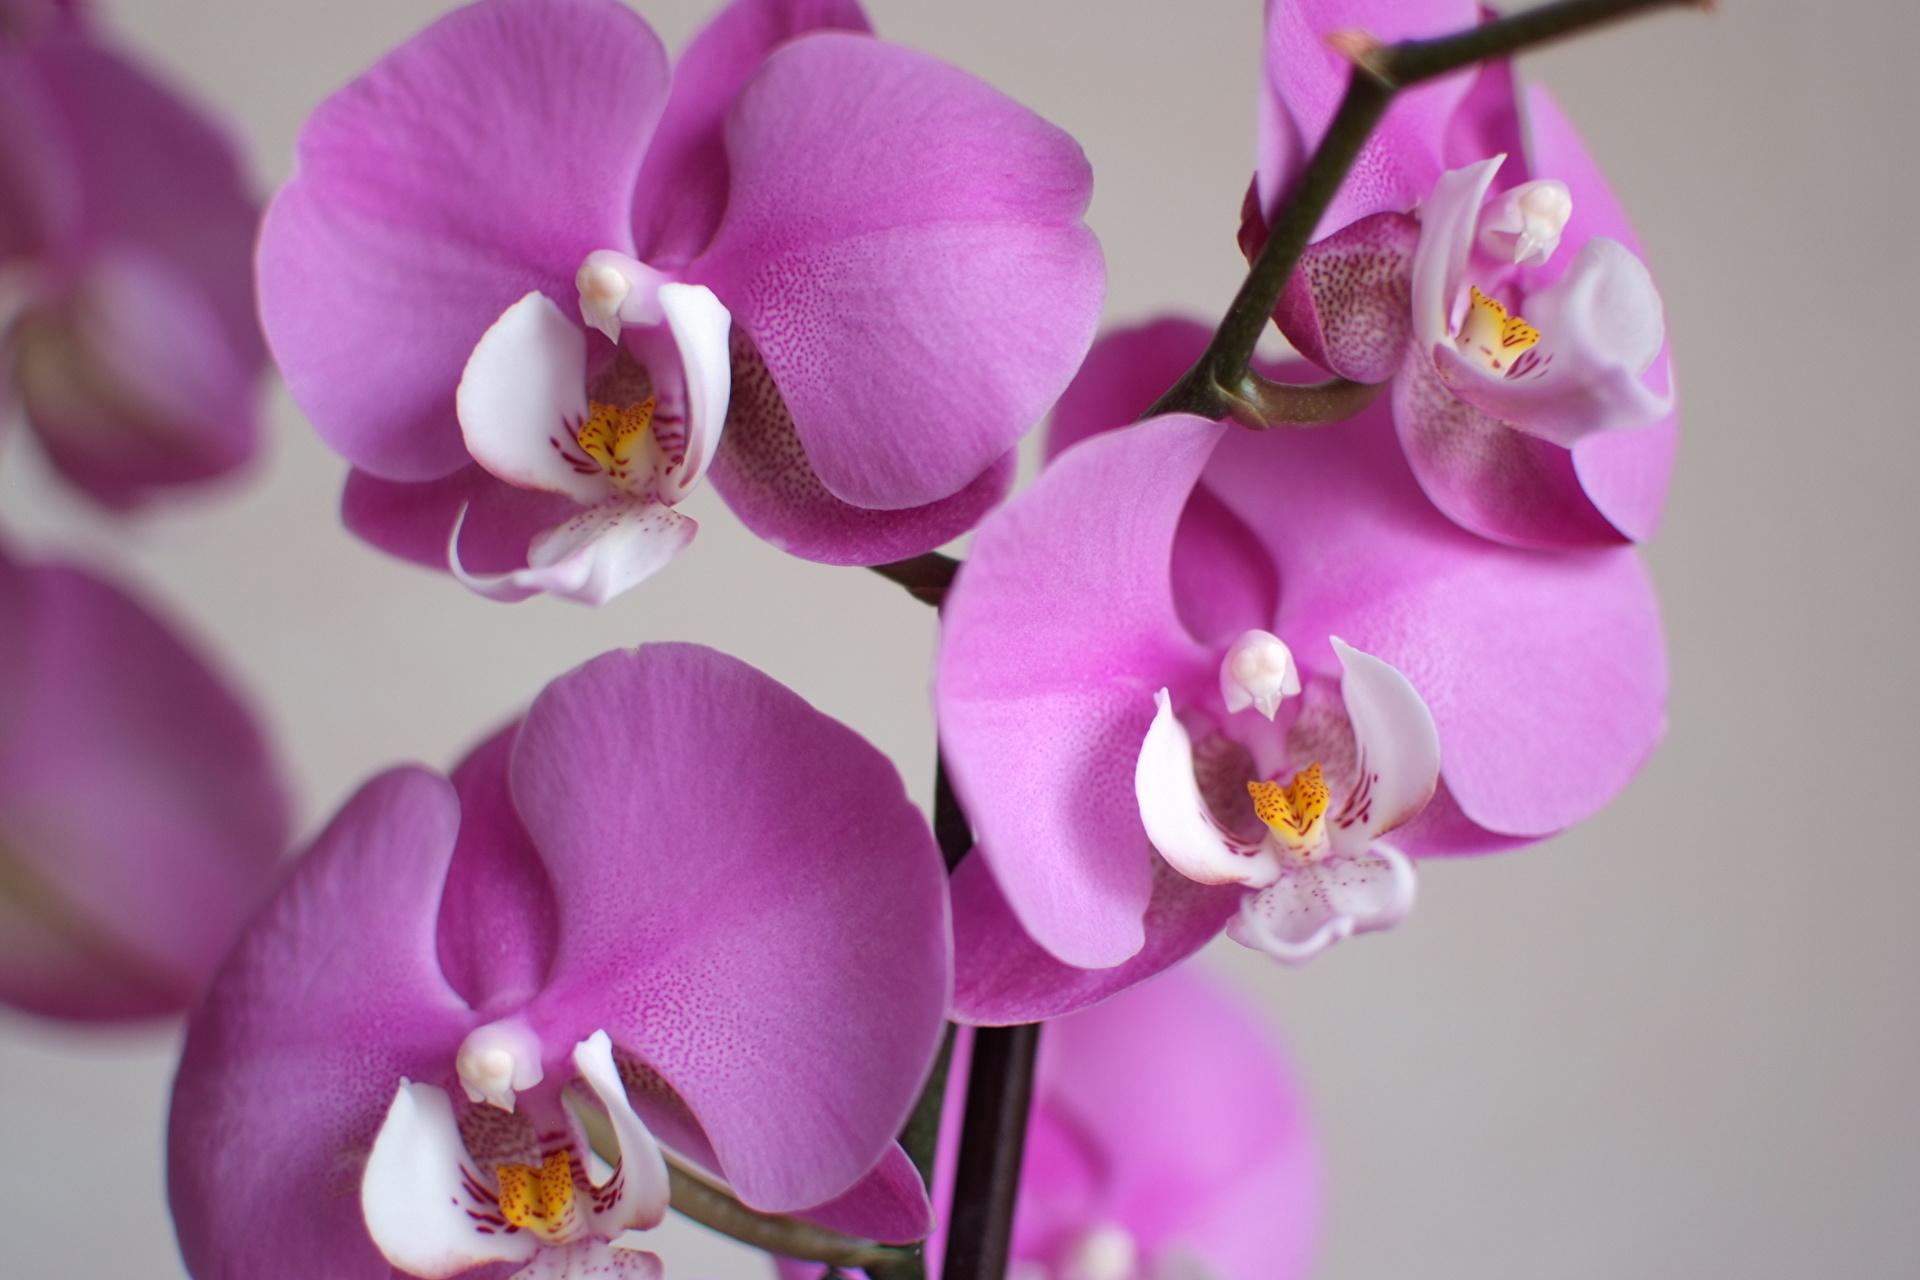 Фотография Орхидеи фиолетовых цветок Крупным планом 1920x1280 орхидея Фиолетовый фиолетовая фиолетовые Цветы вблизи